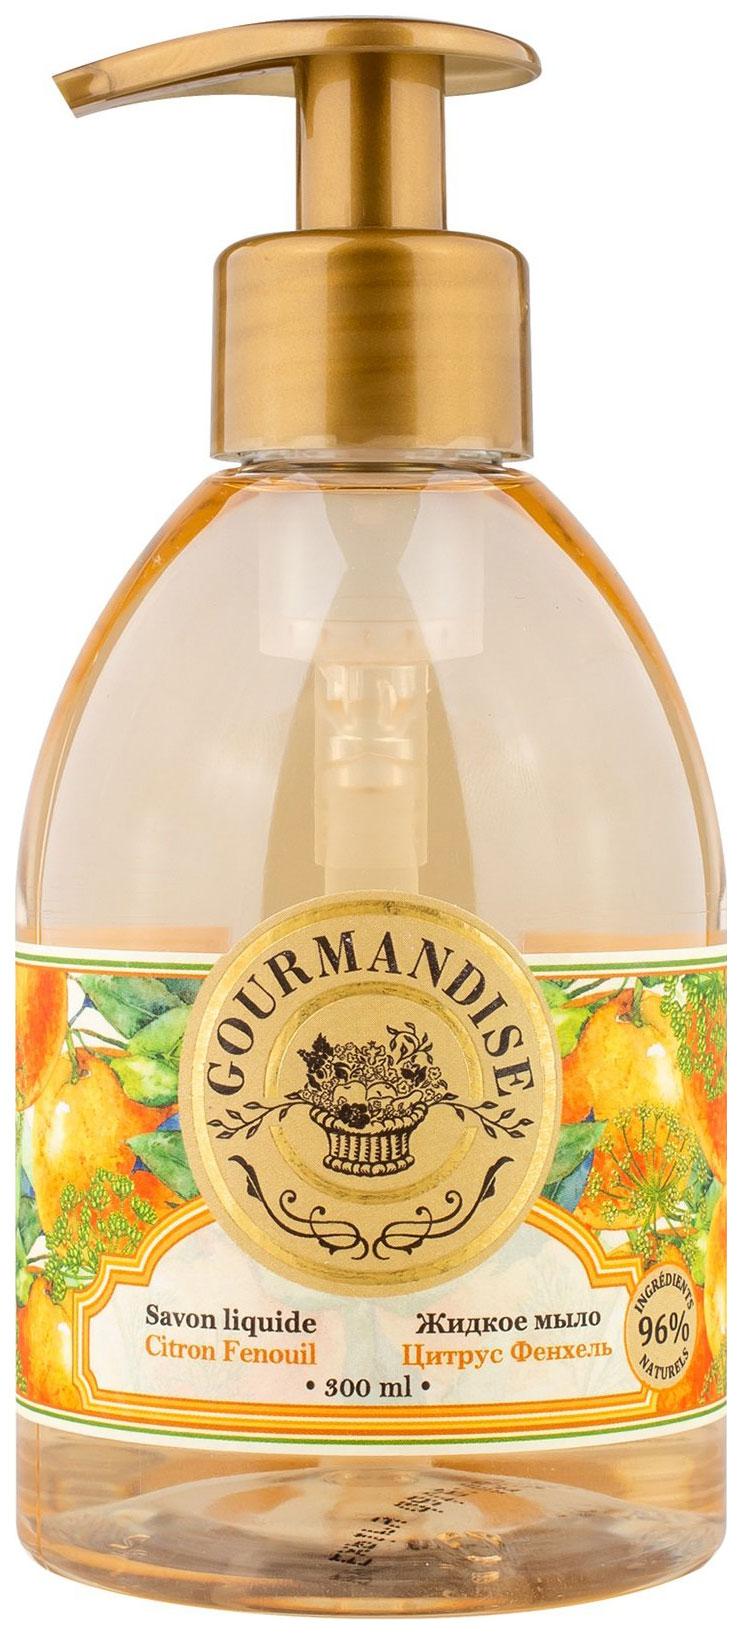 Жидкое мыло Gourmandise Savon liquide Цитрус Фенхель 300 мл